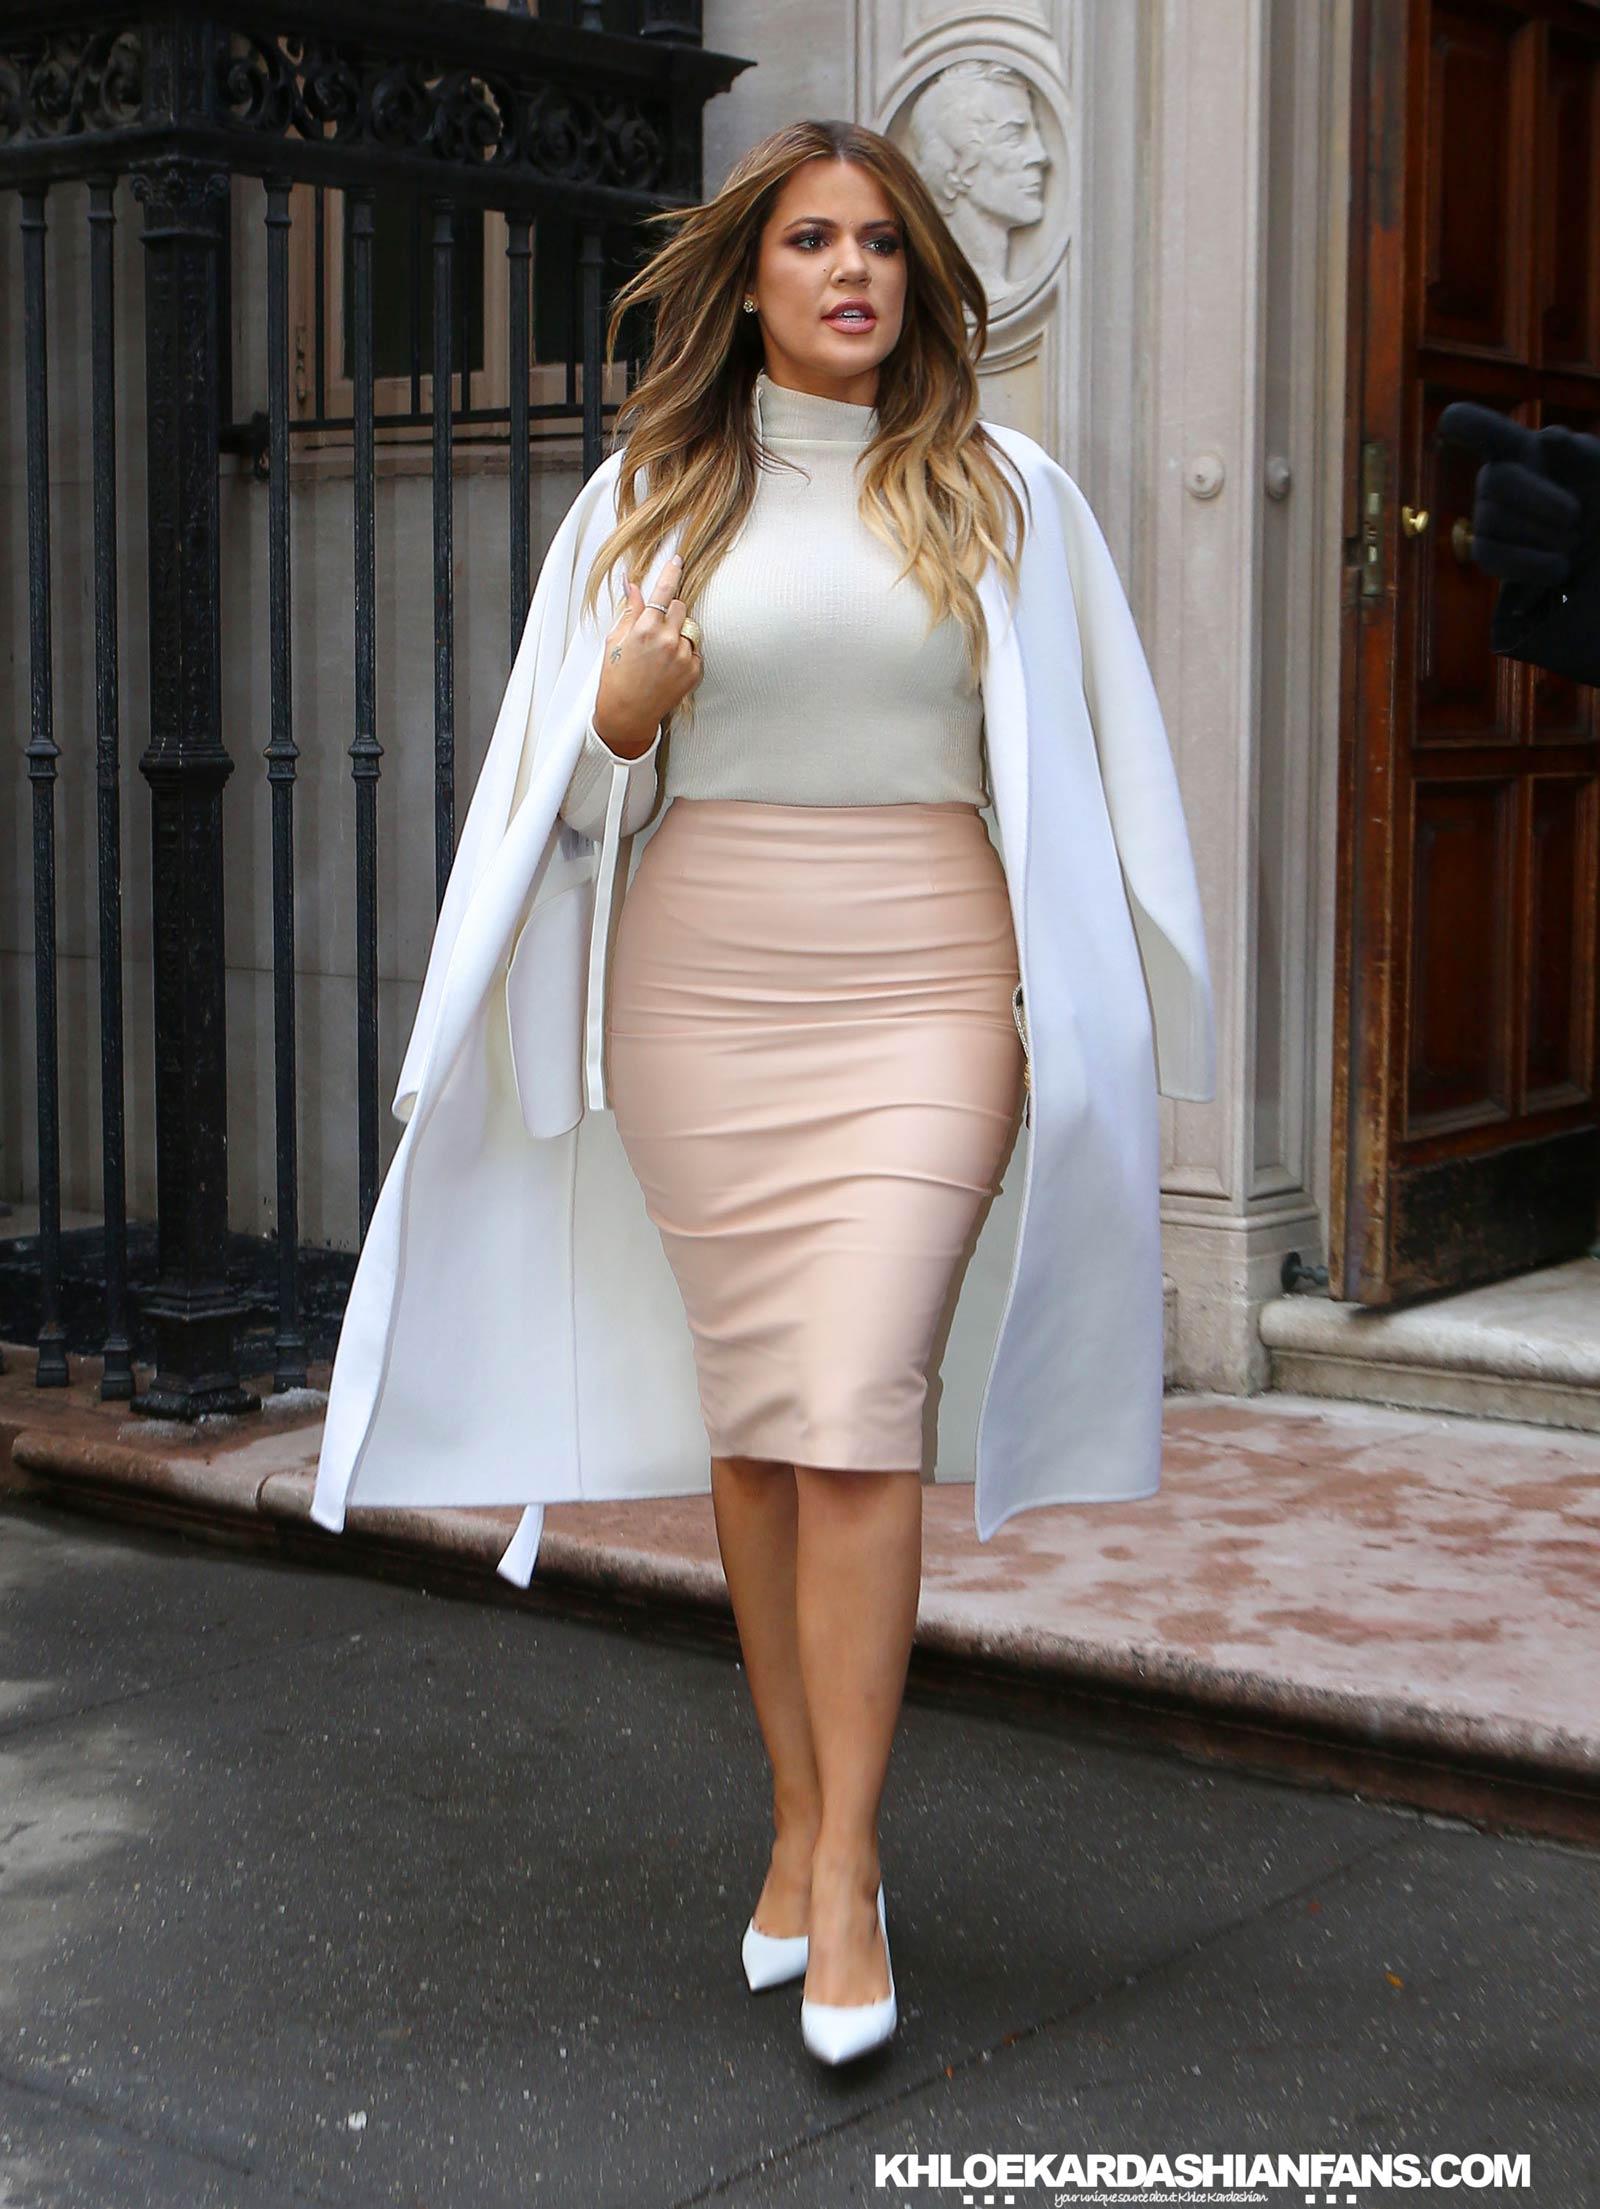 Khloe Kardashian attends Launch Of Kardashian Beauty